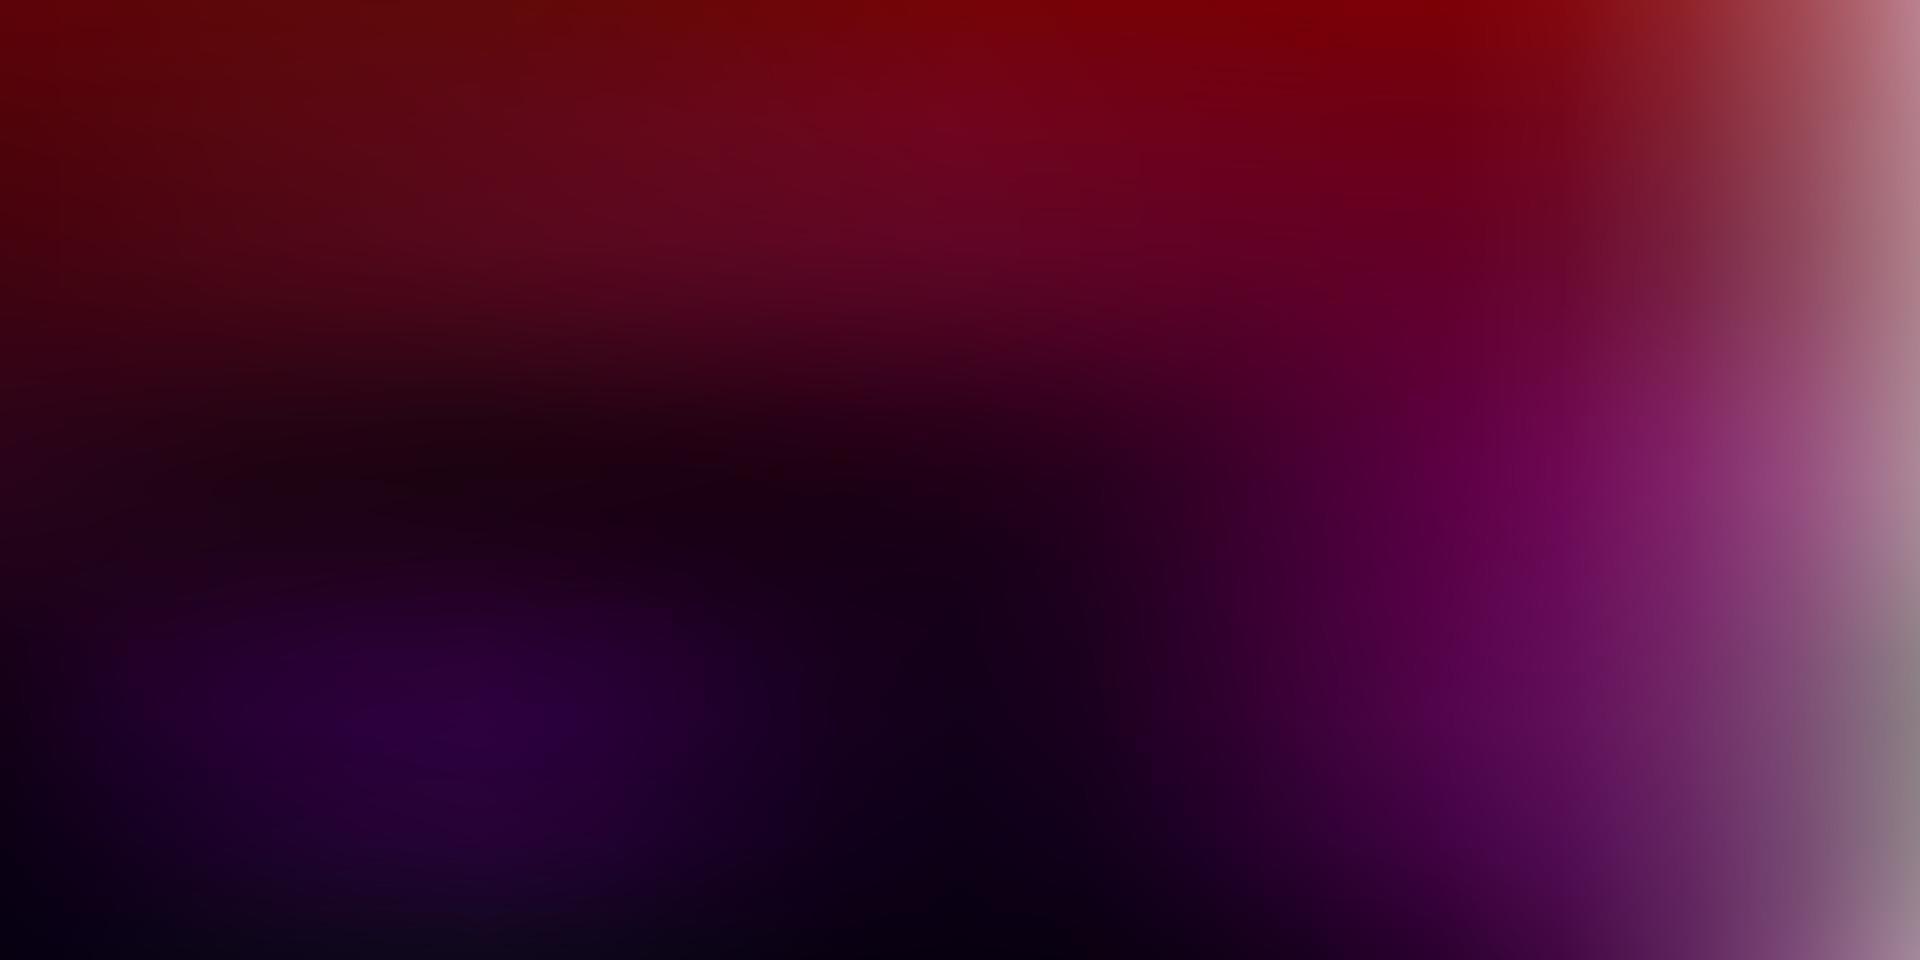 rosa scuro, rosso vettore astratto sfocatura dello sfondo.